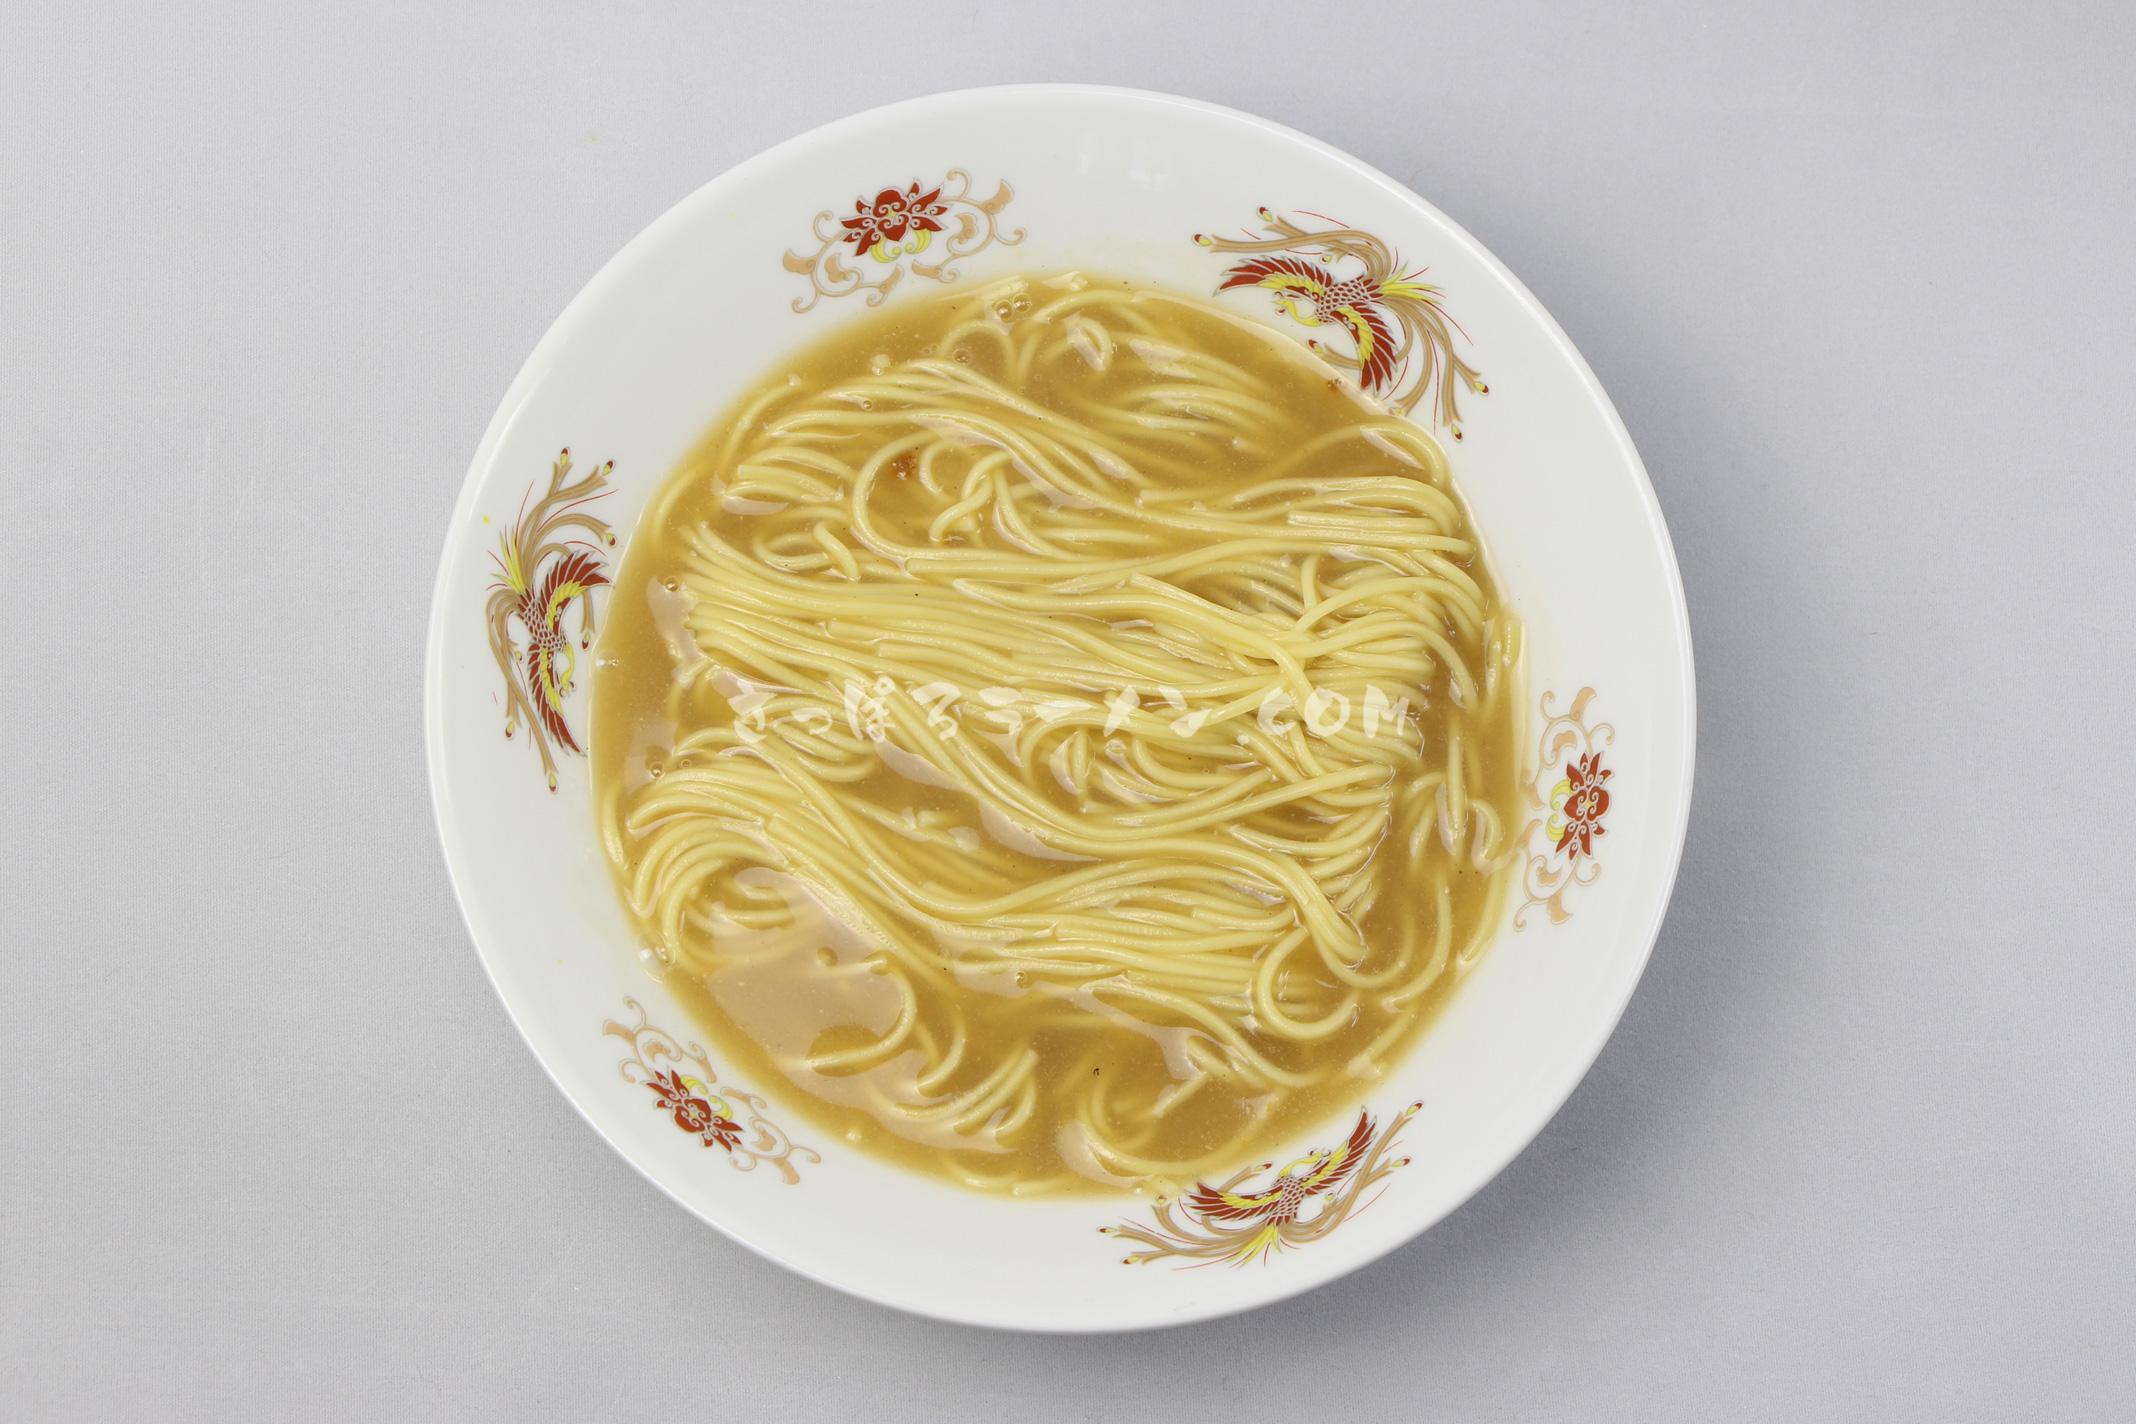 「北海道ラーメン 濃厚味噌」(ライス・ハートフーズ)の完成画像